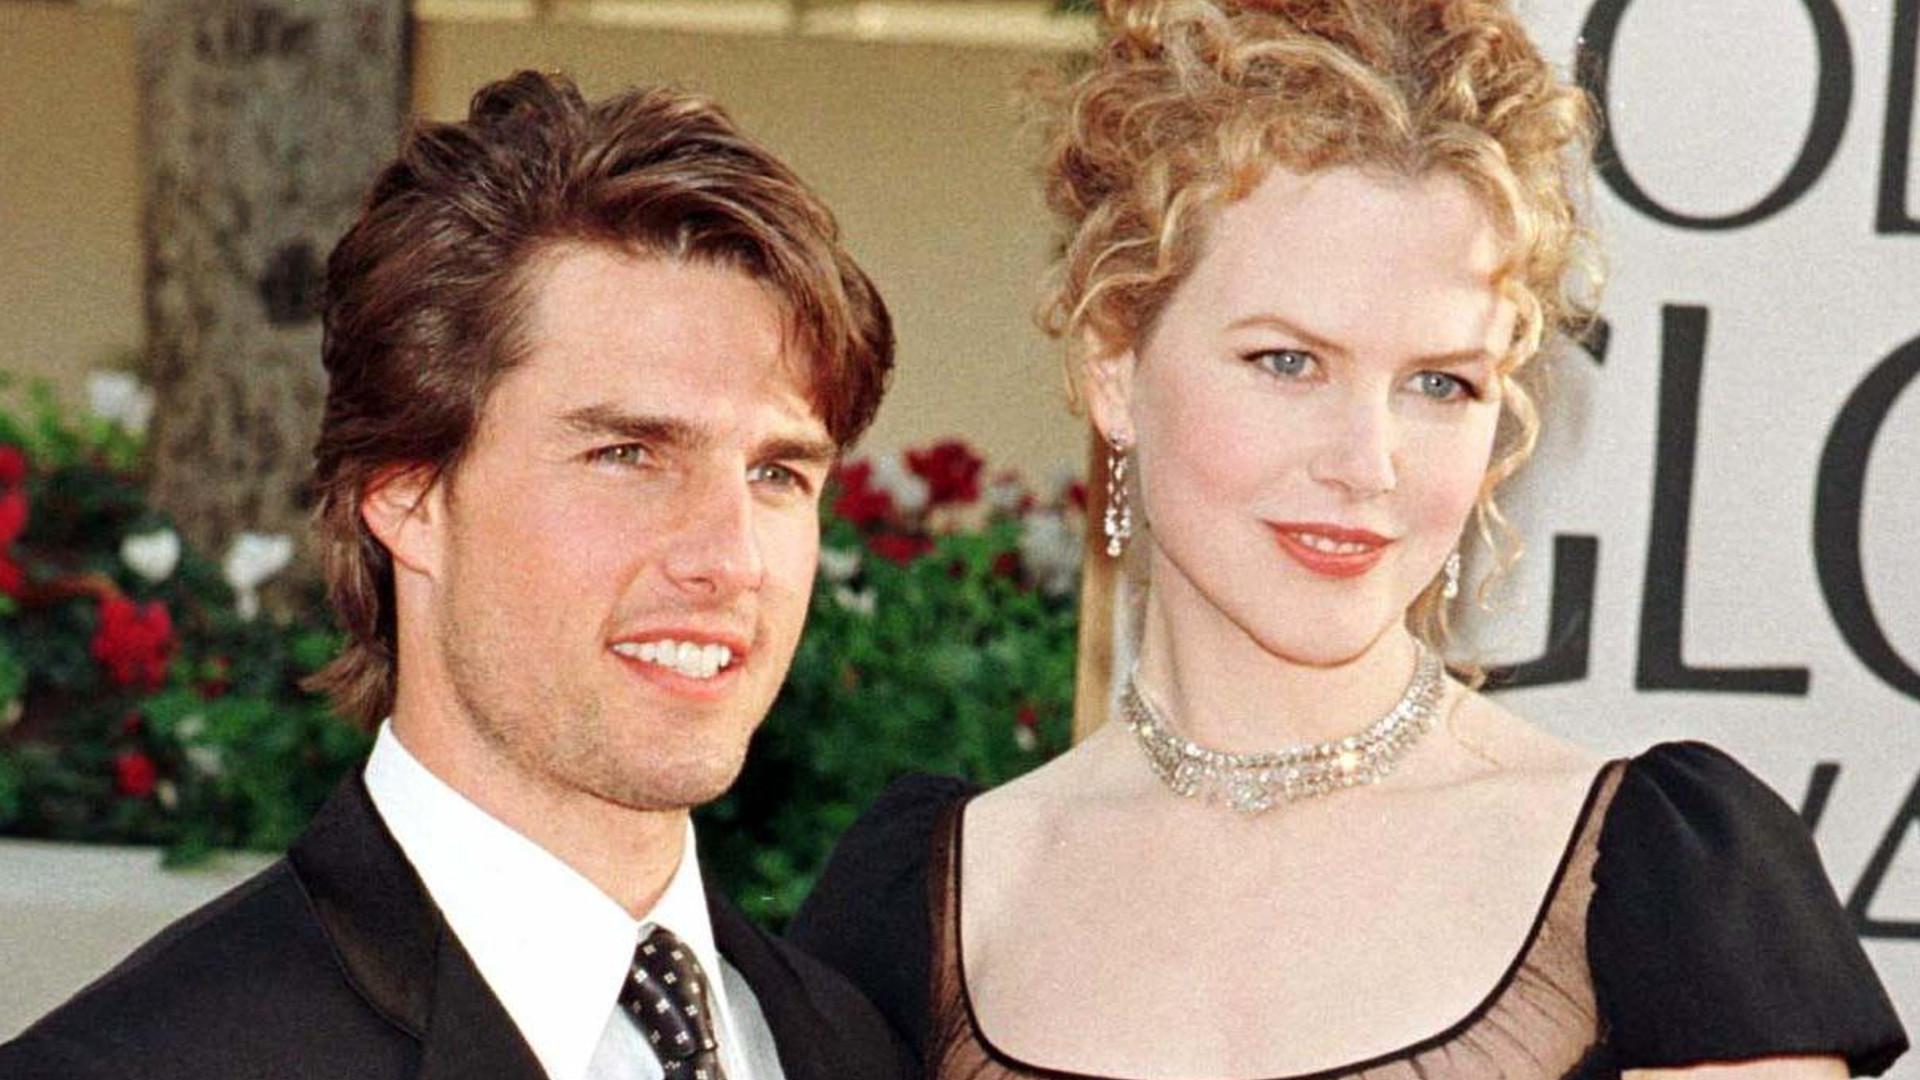 Córka Toma Cruise'a i Nicole Kidman dodała nowe zdjęcie – to rzadkość. Jak wygląda?